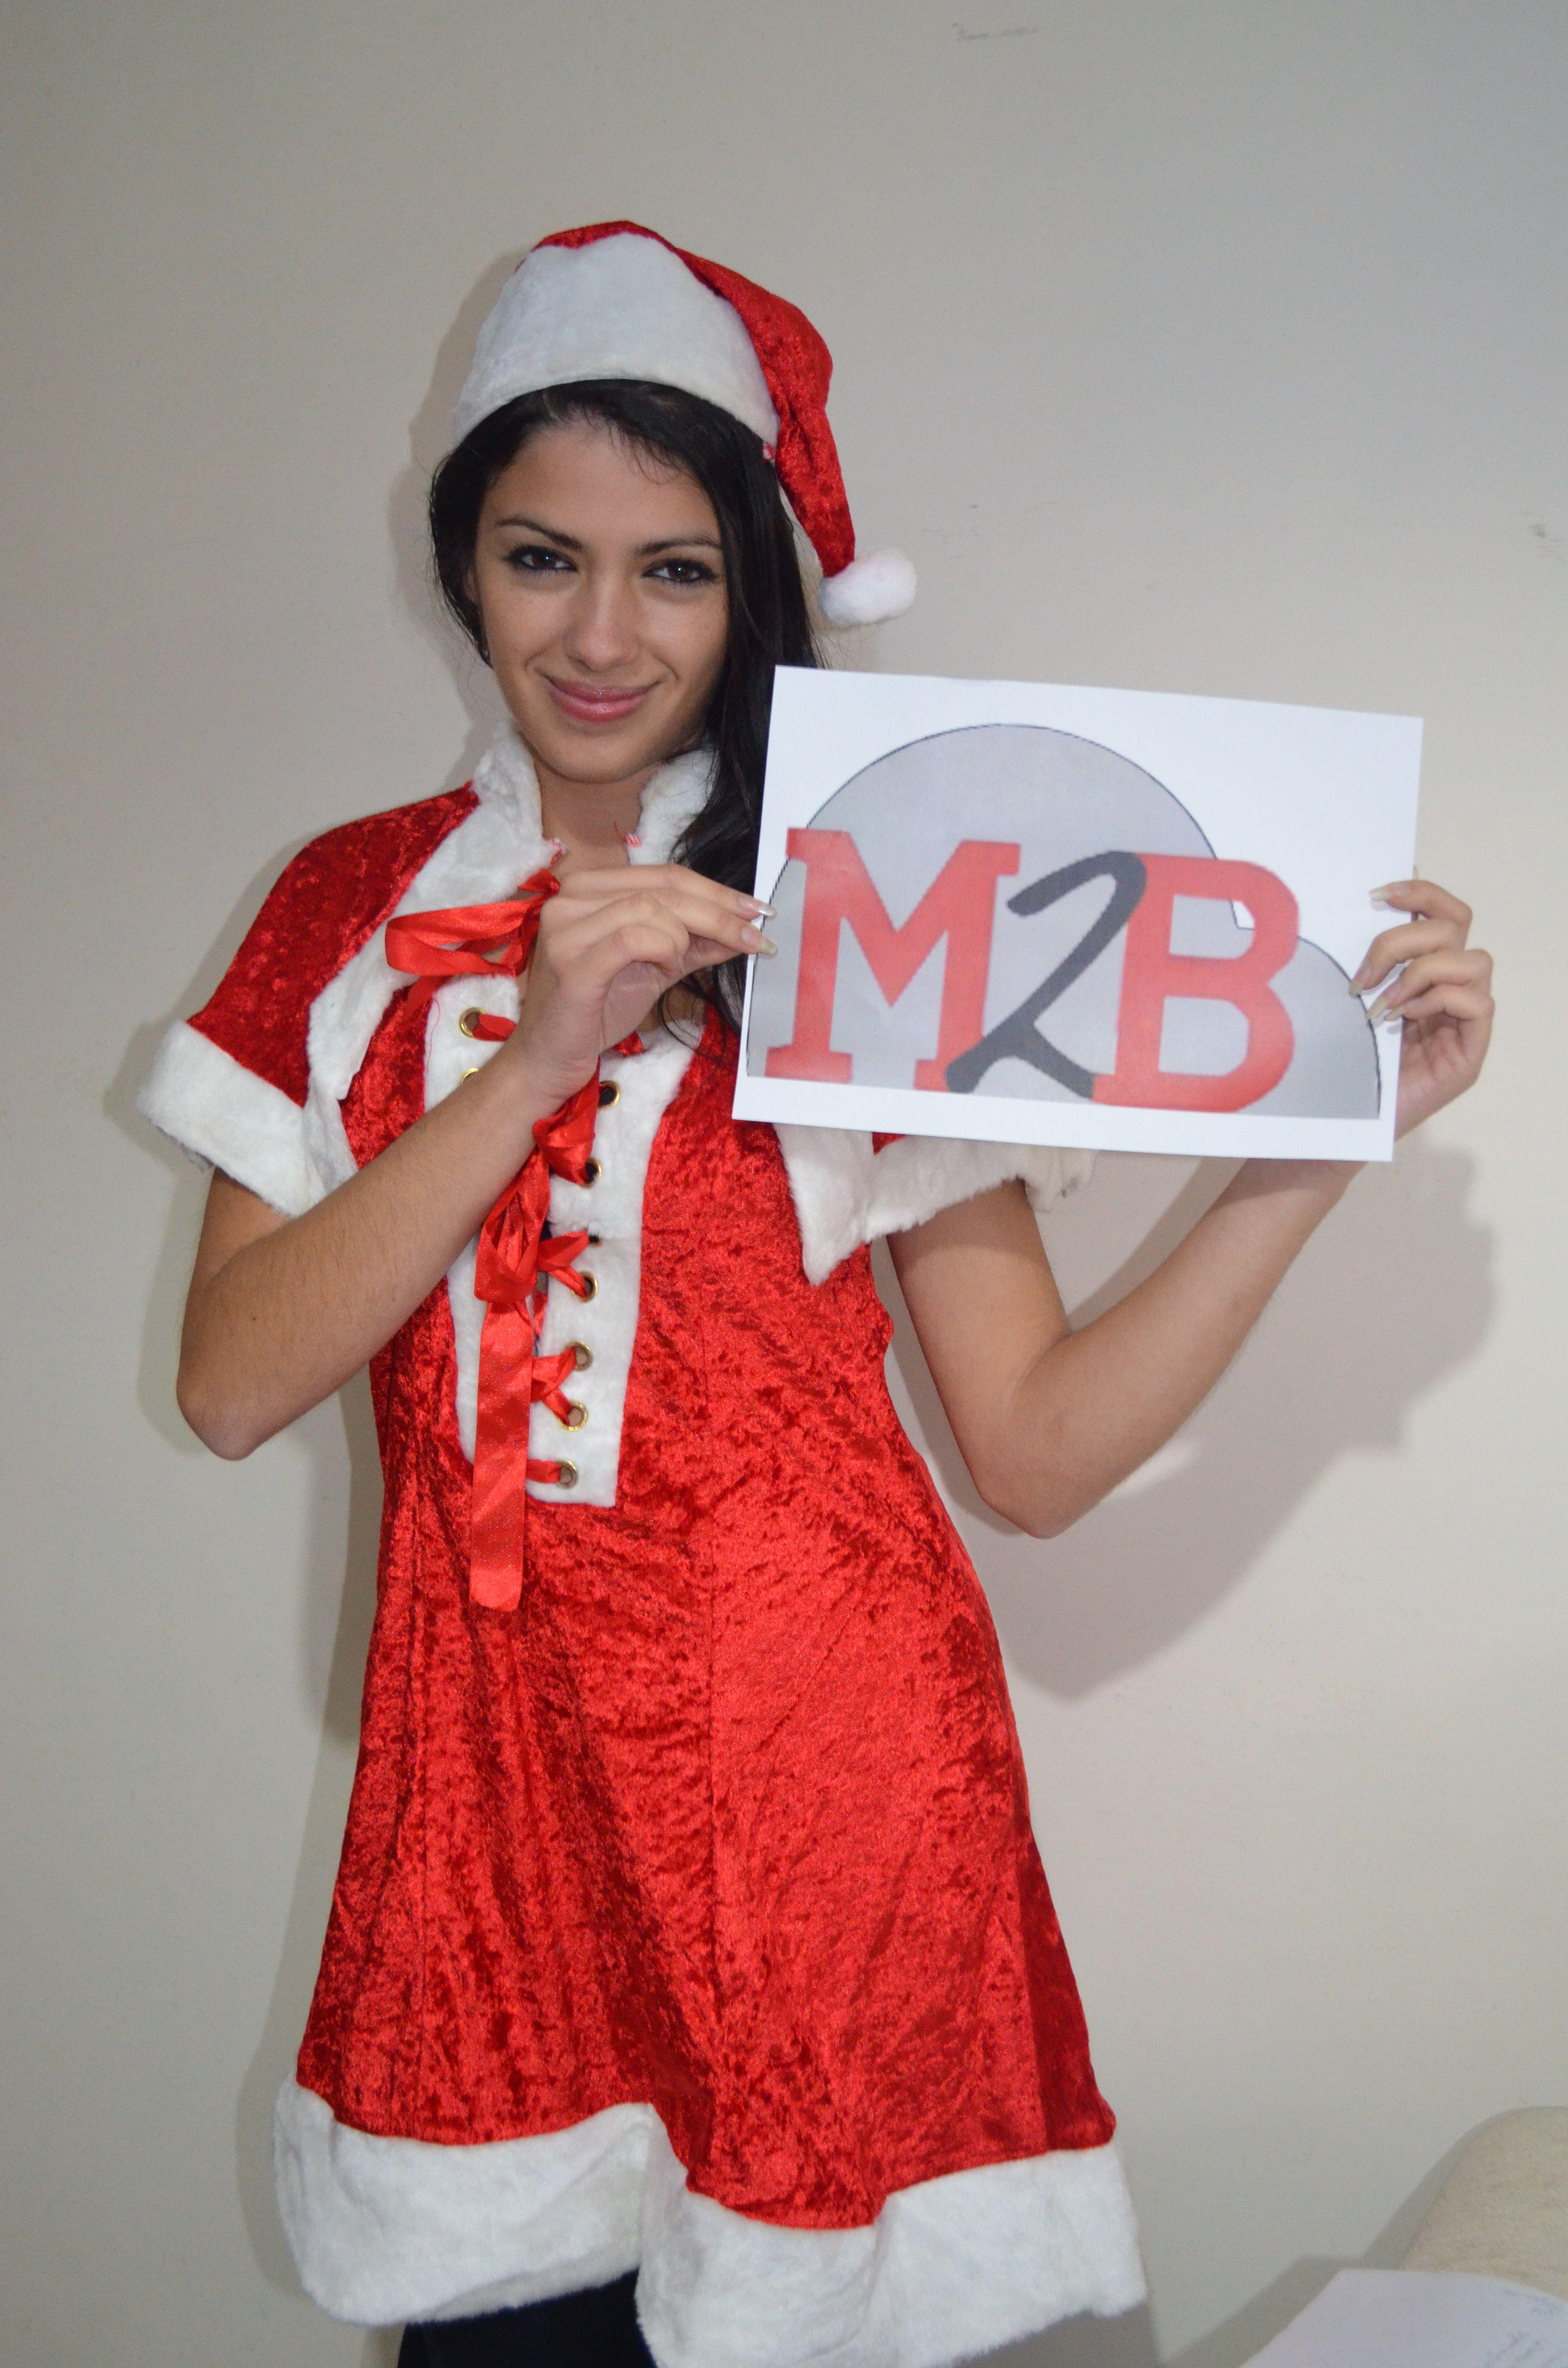 M2B Gonflable vous souhaite de bonnes fêtes http://m2bgonflable.com